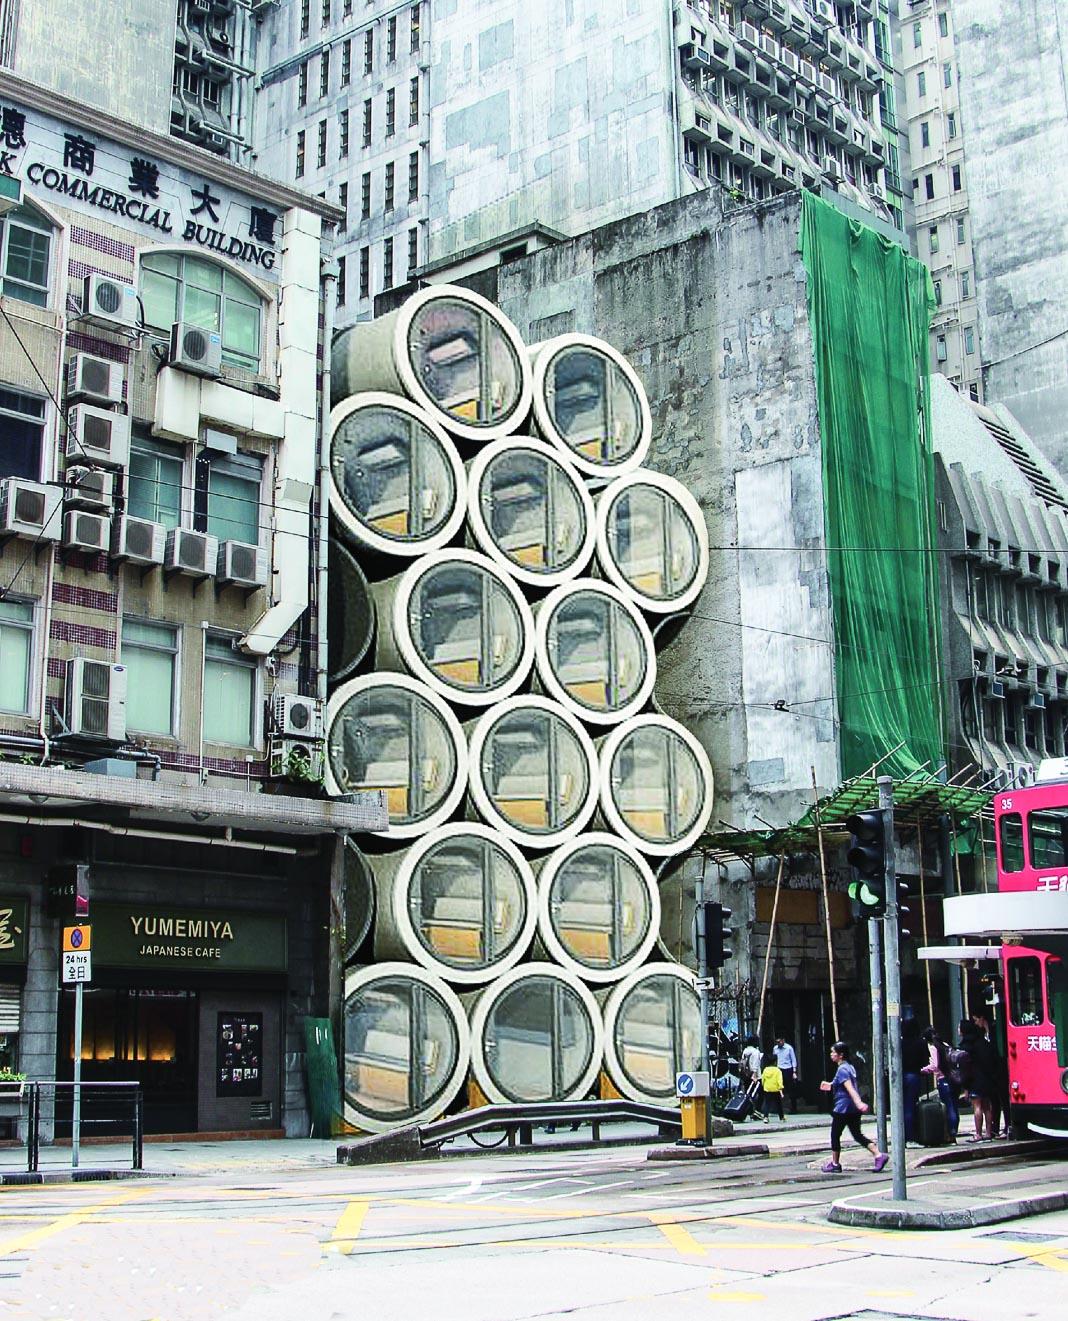 OPod đặt chồng lên nhau ở khu Sheung Wan của Hong Kong 2